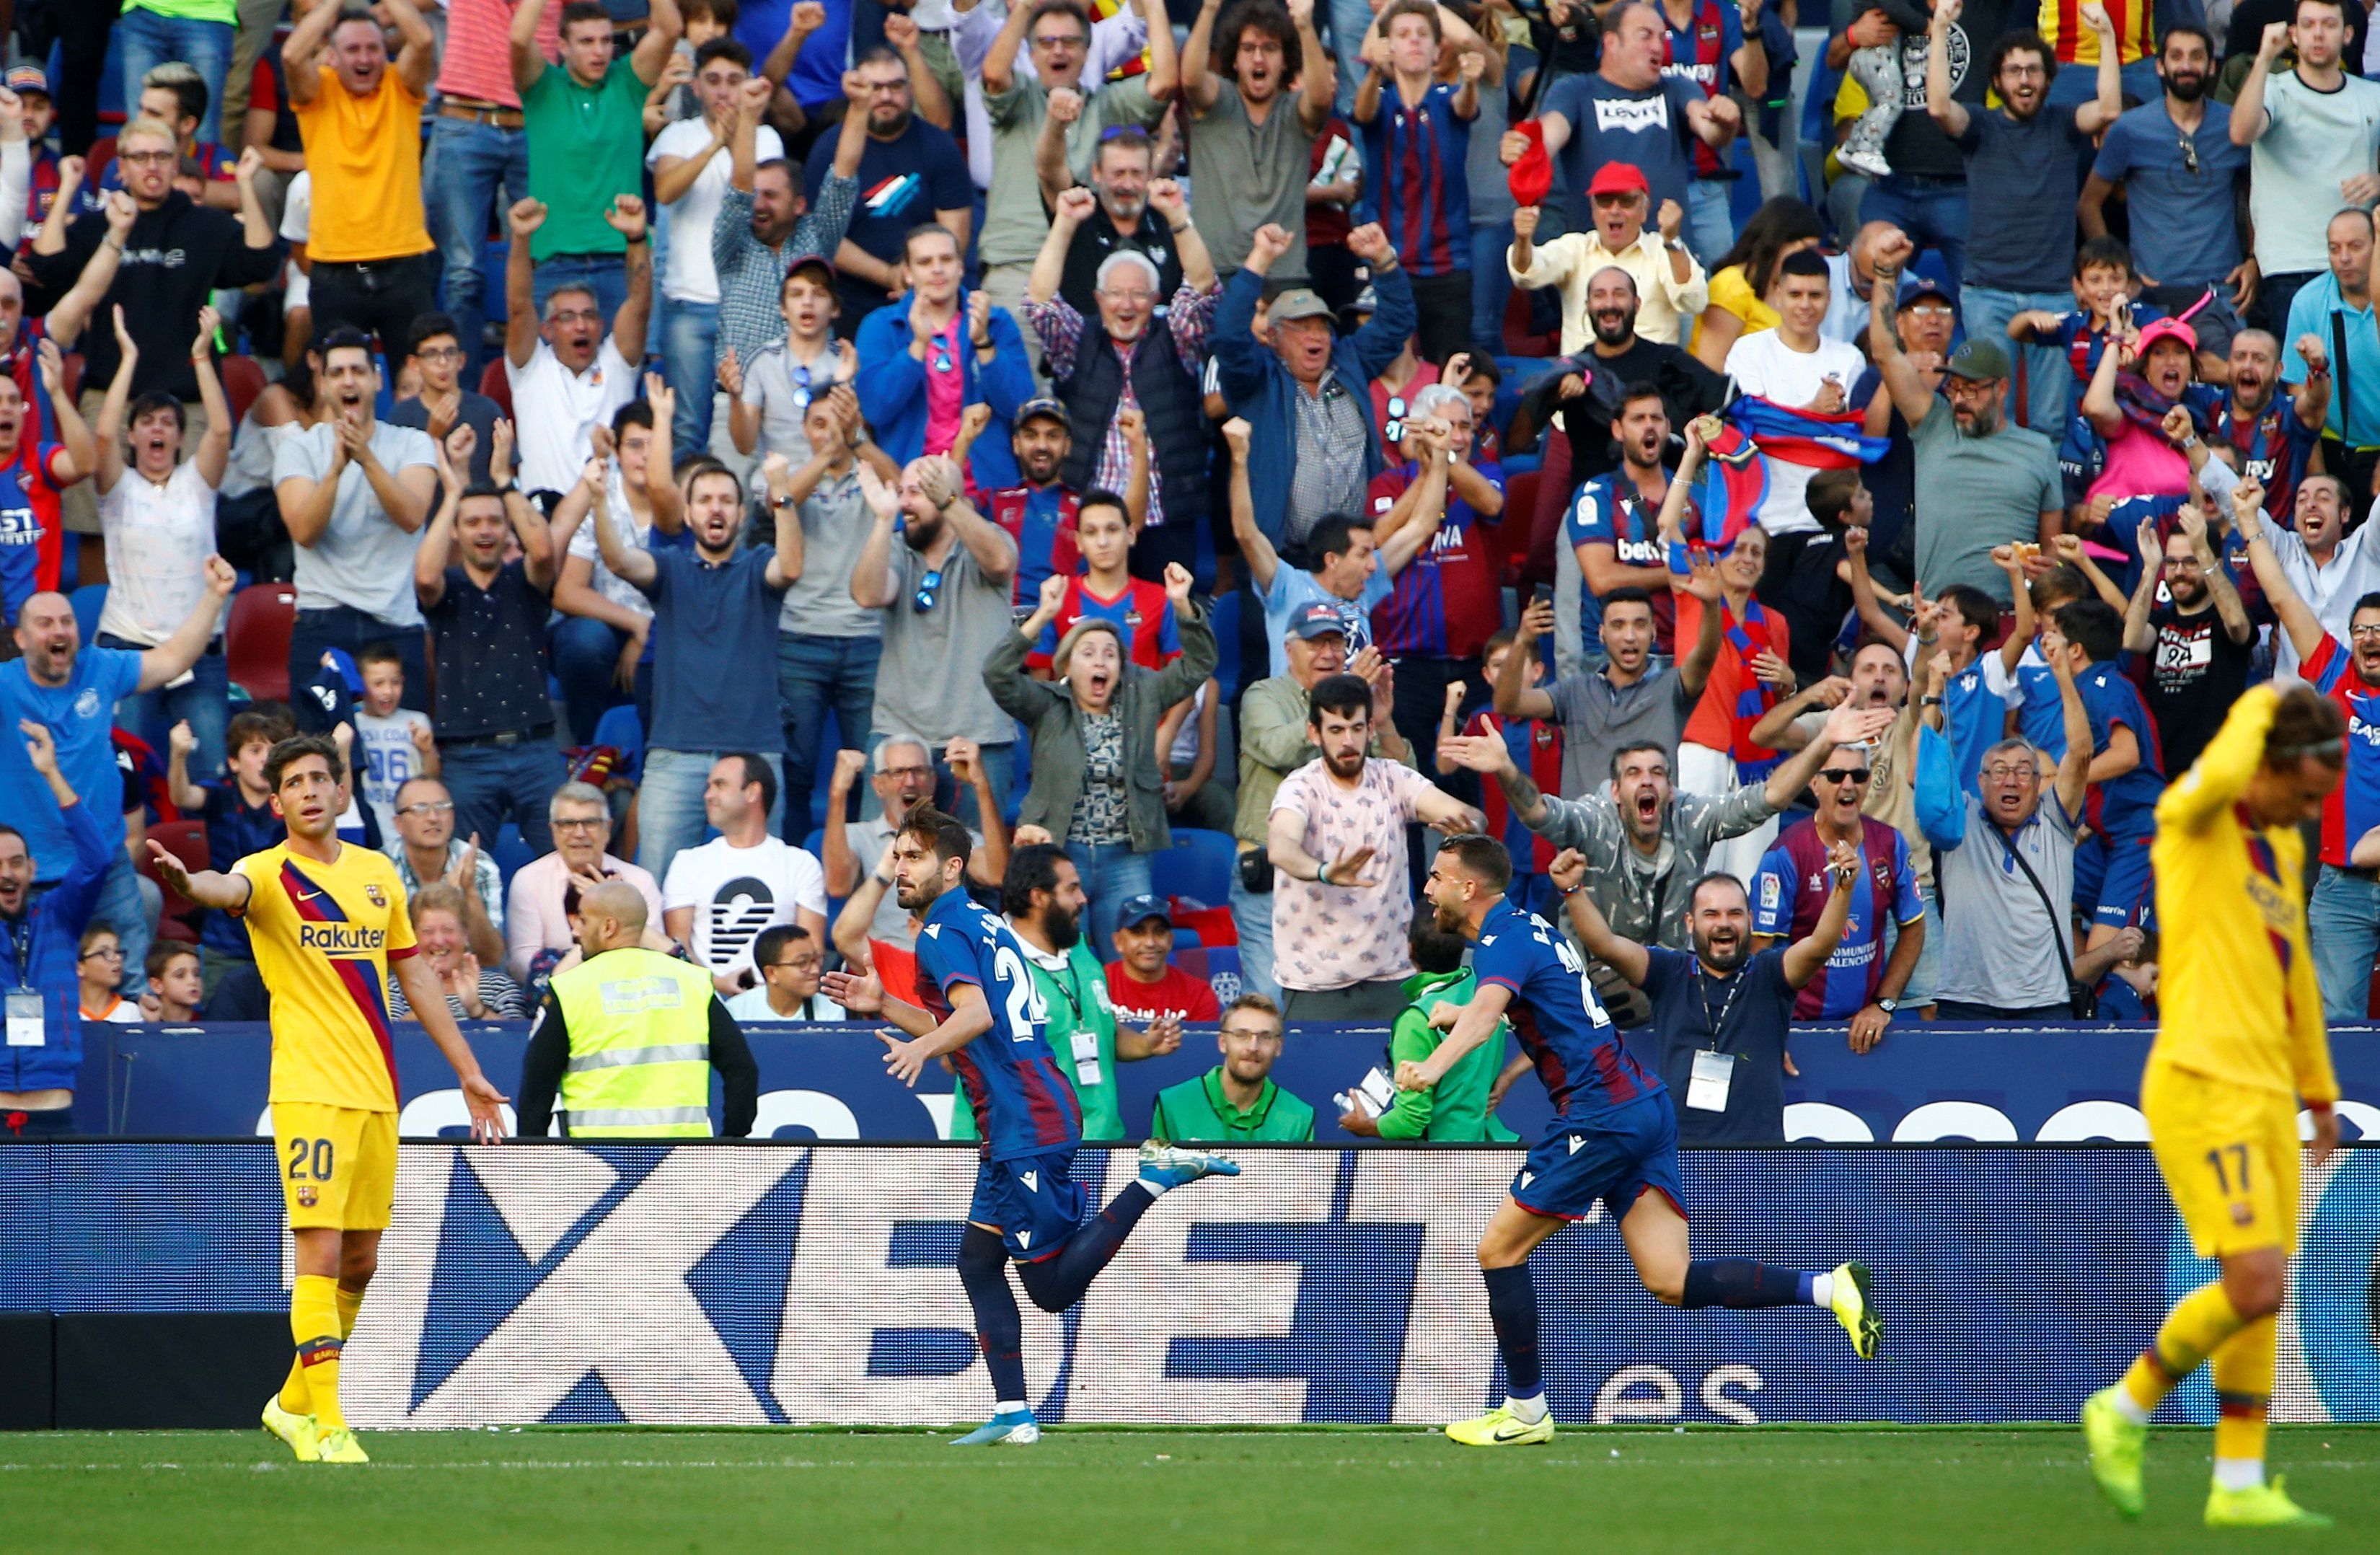 Después de cinco partidos consecutivos con victorias, el Barcelona volvió a perder por la liga española (REUTERS/Javier Barbancho)